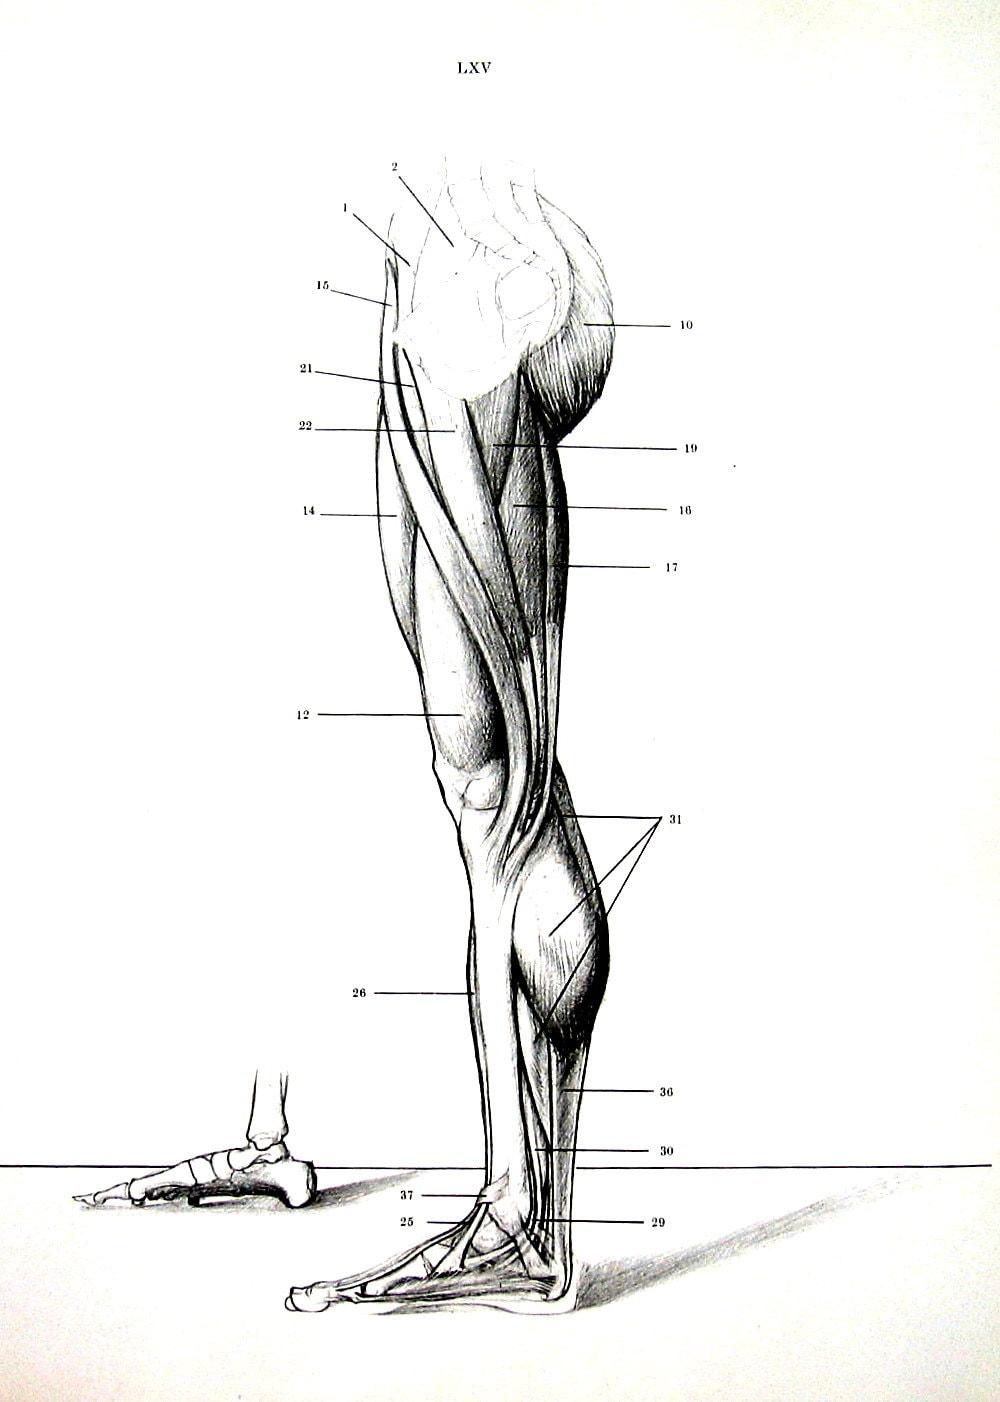 Menschliche Anatomie Beinmuskulatur 1975 Vintage Anatomie